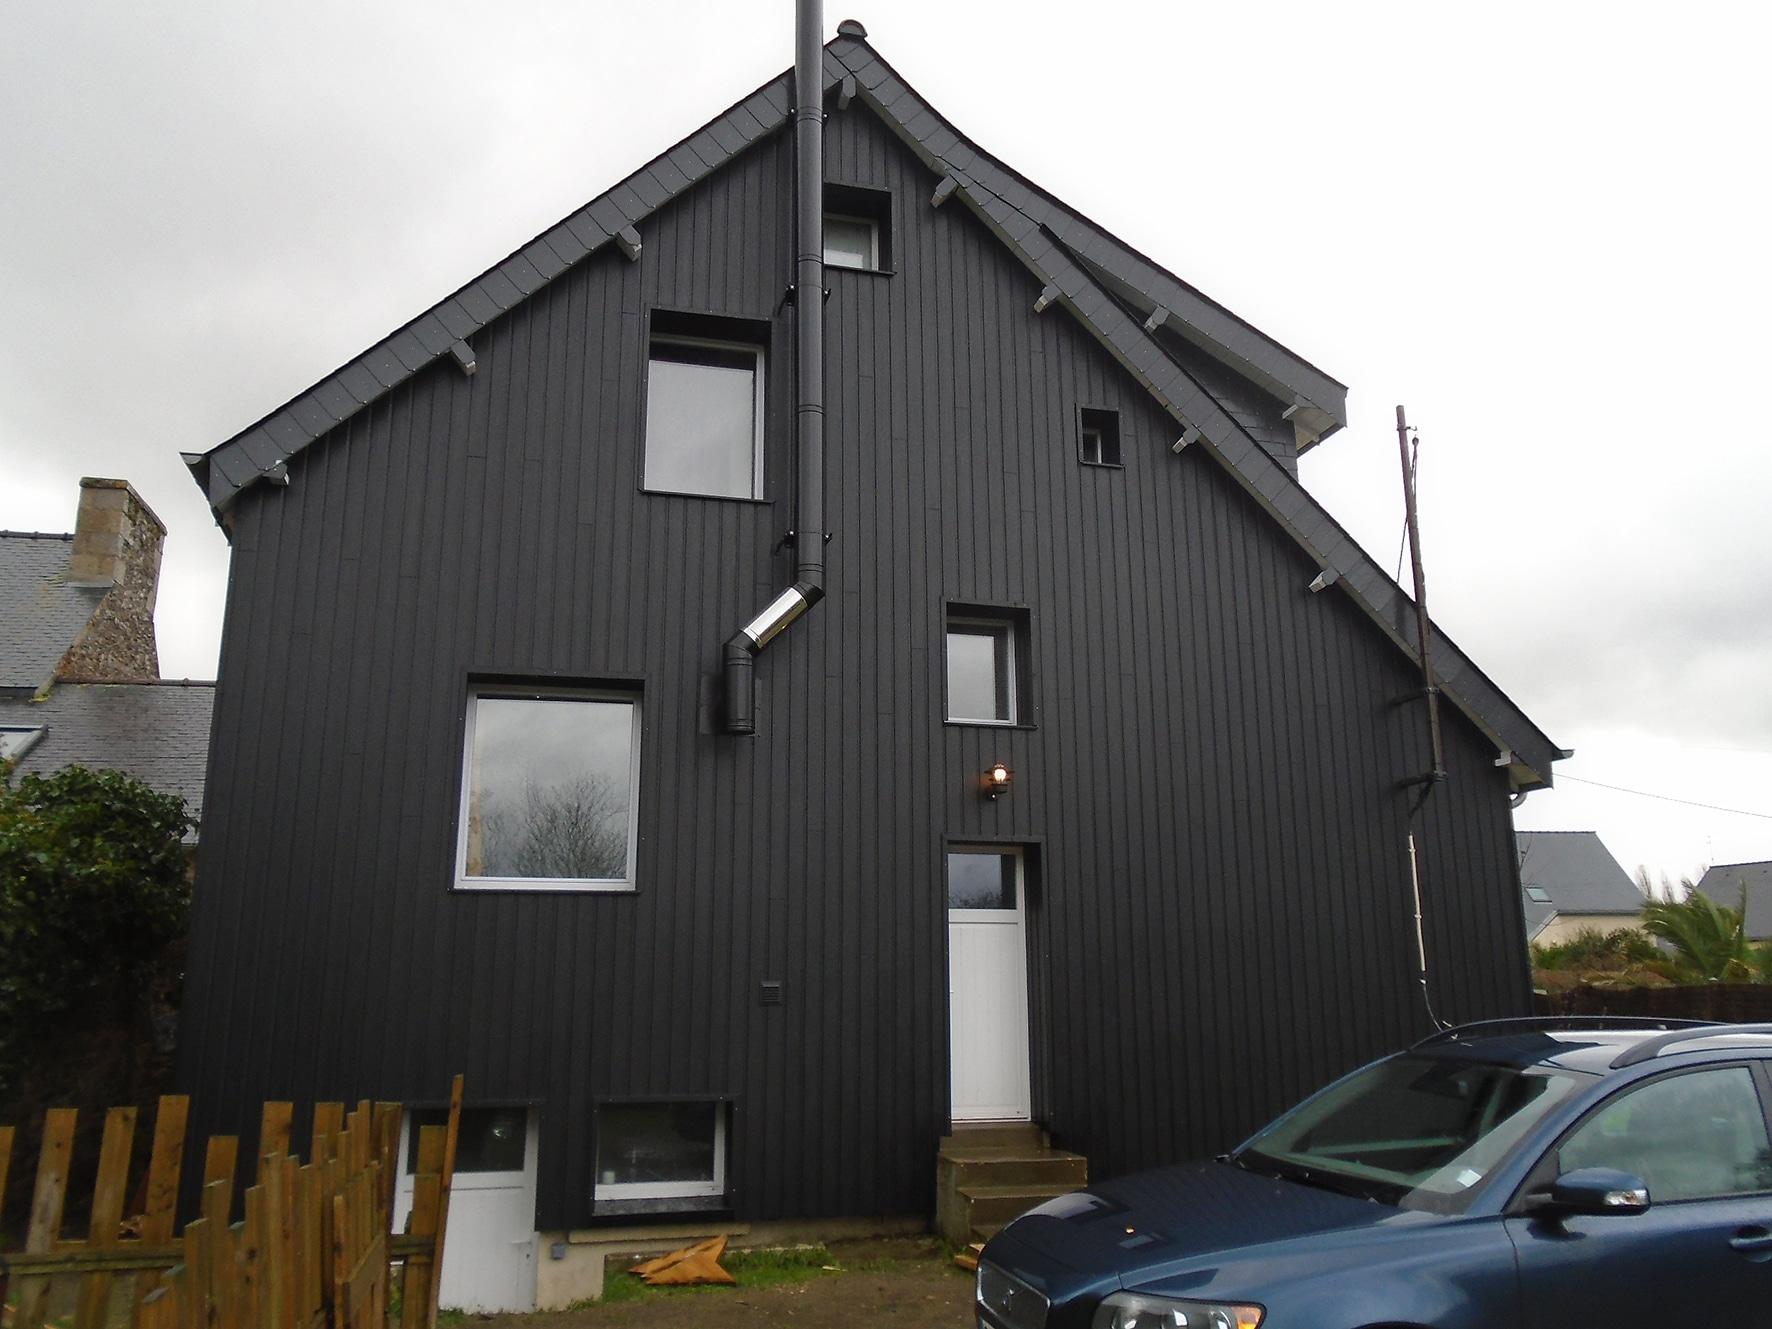 Fin de chantier d'isolation thermique extérieure sur une maison